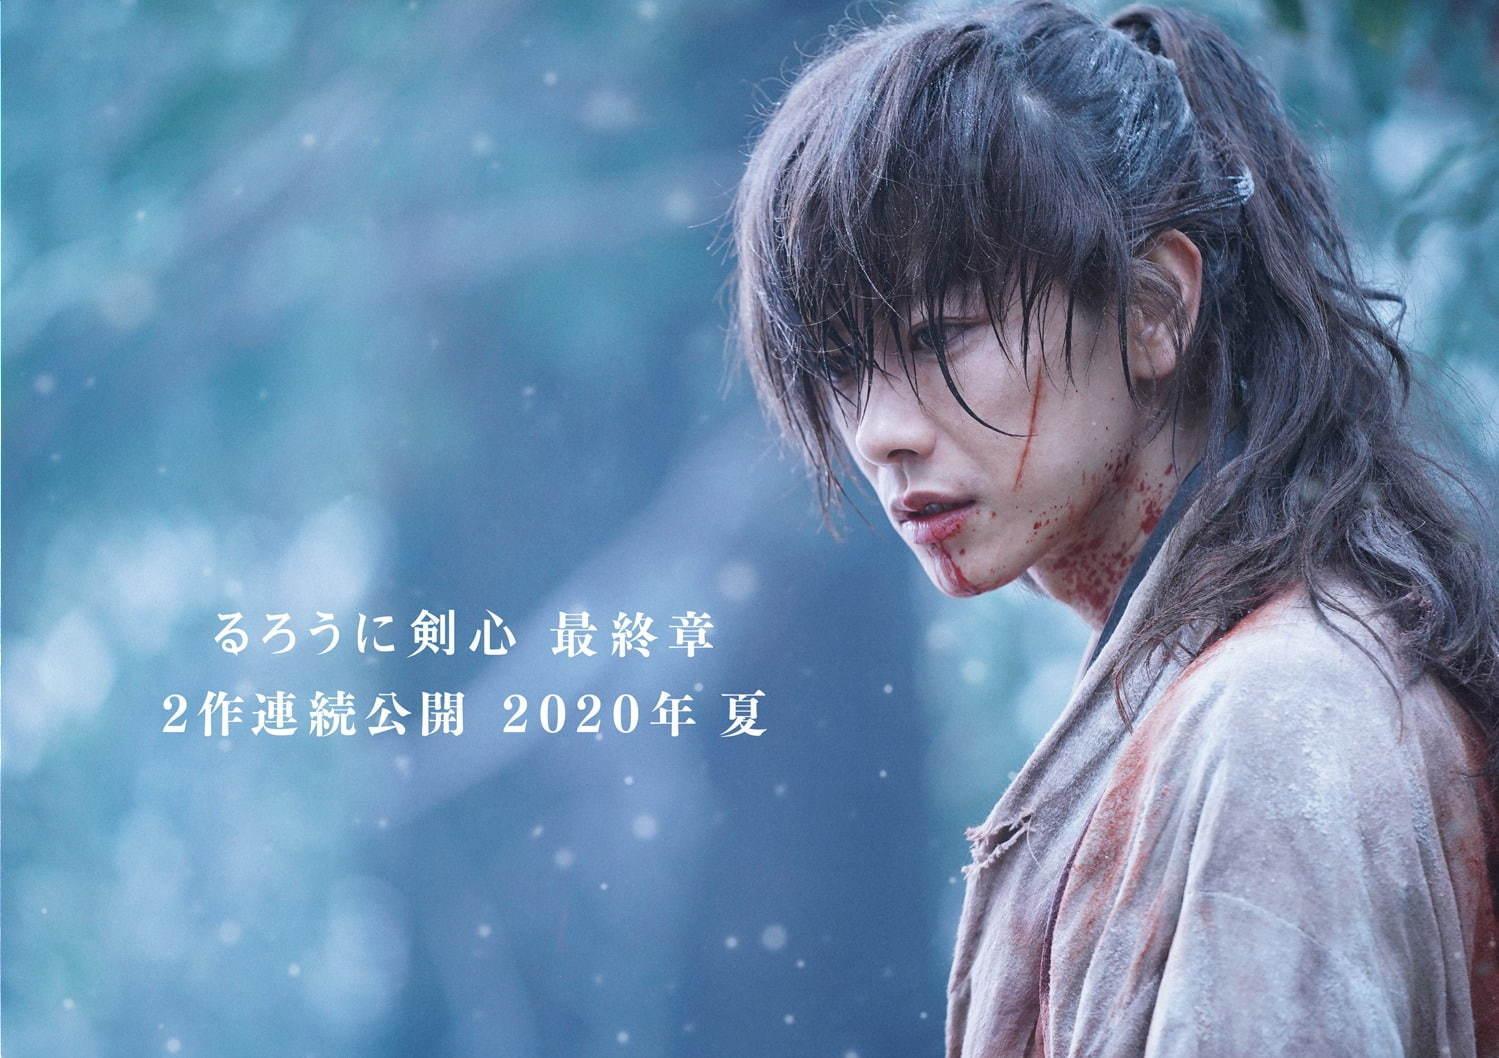 映画 るろうに剣心 最終章 20年夏に2作連続公開へ 佐藤健主演